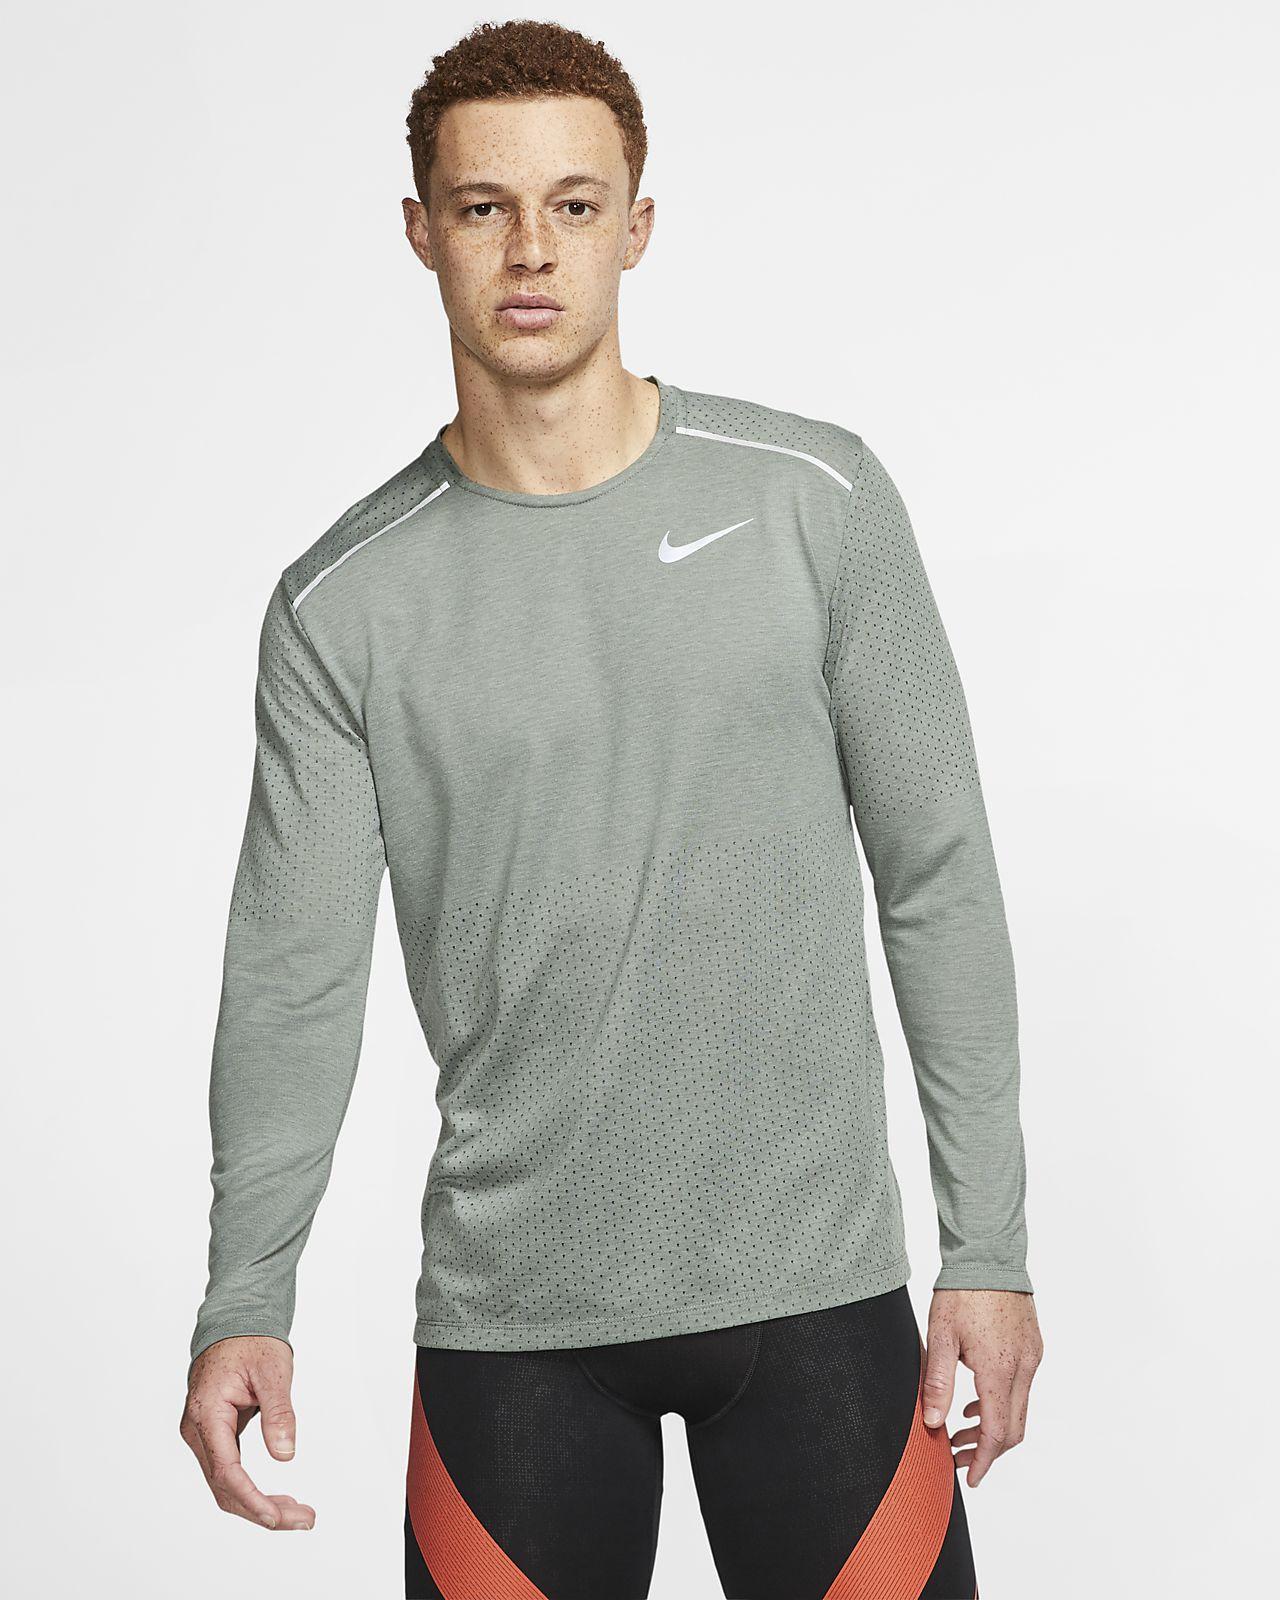 Ανδρική μακρυμάνικη μπλούζα για τρέξιμο Nike Rise 365